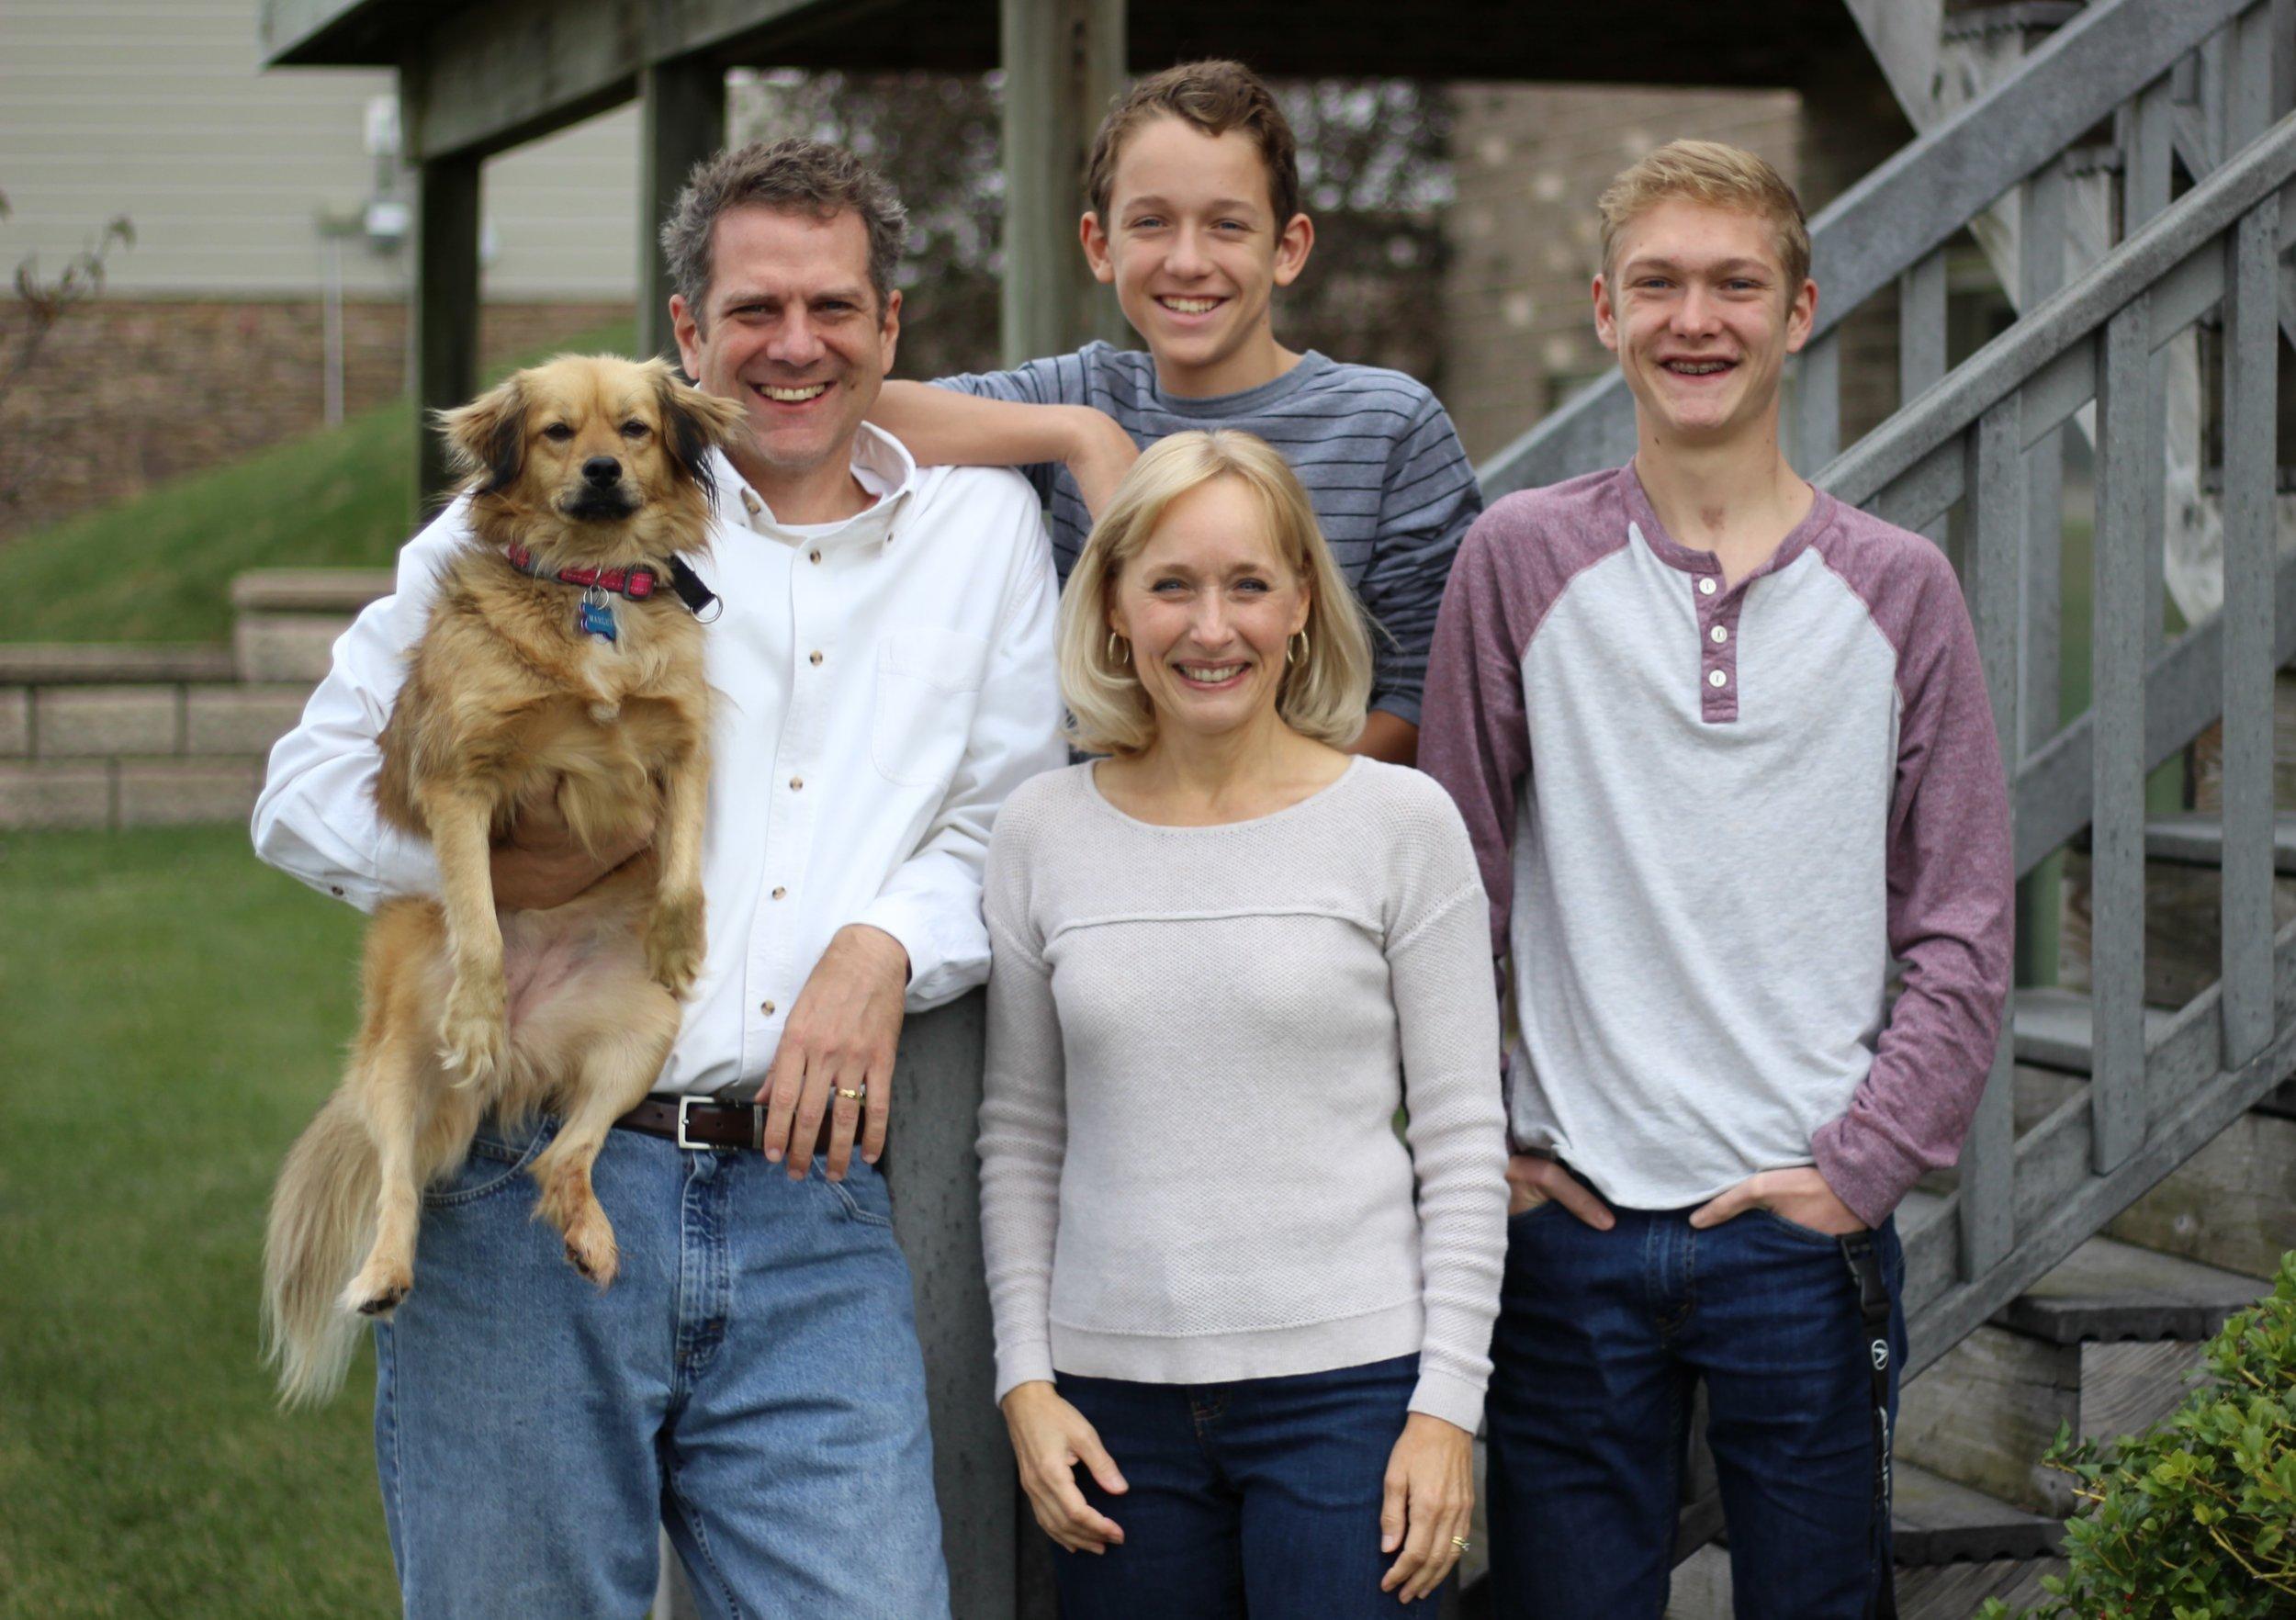 Jim & Lisa Smith & Family